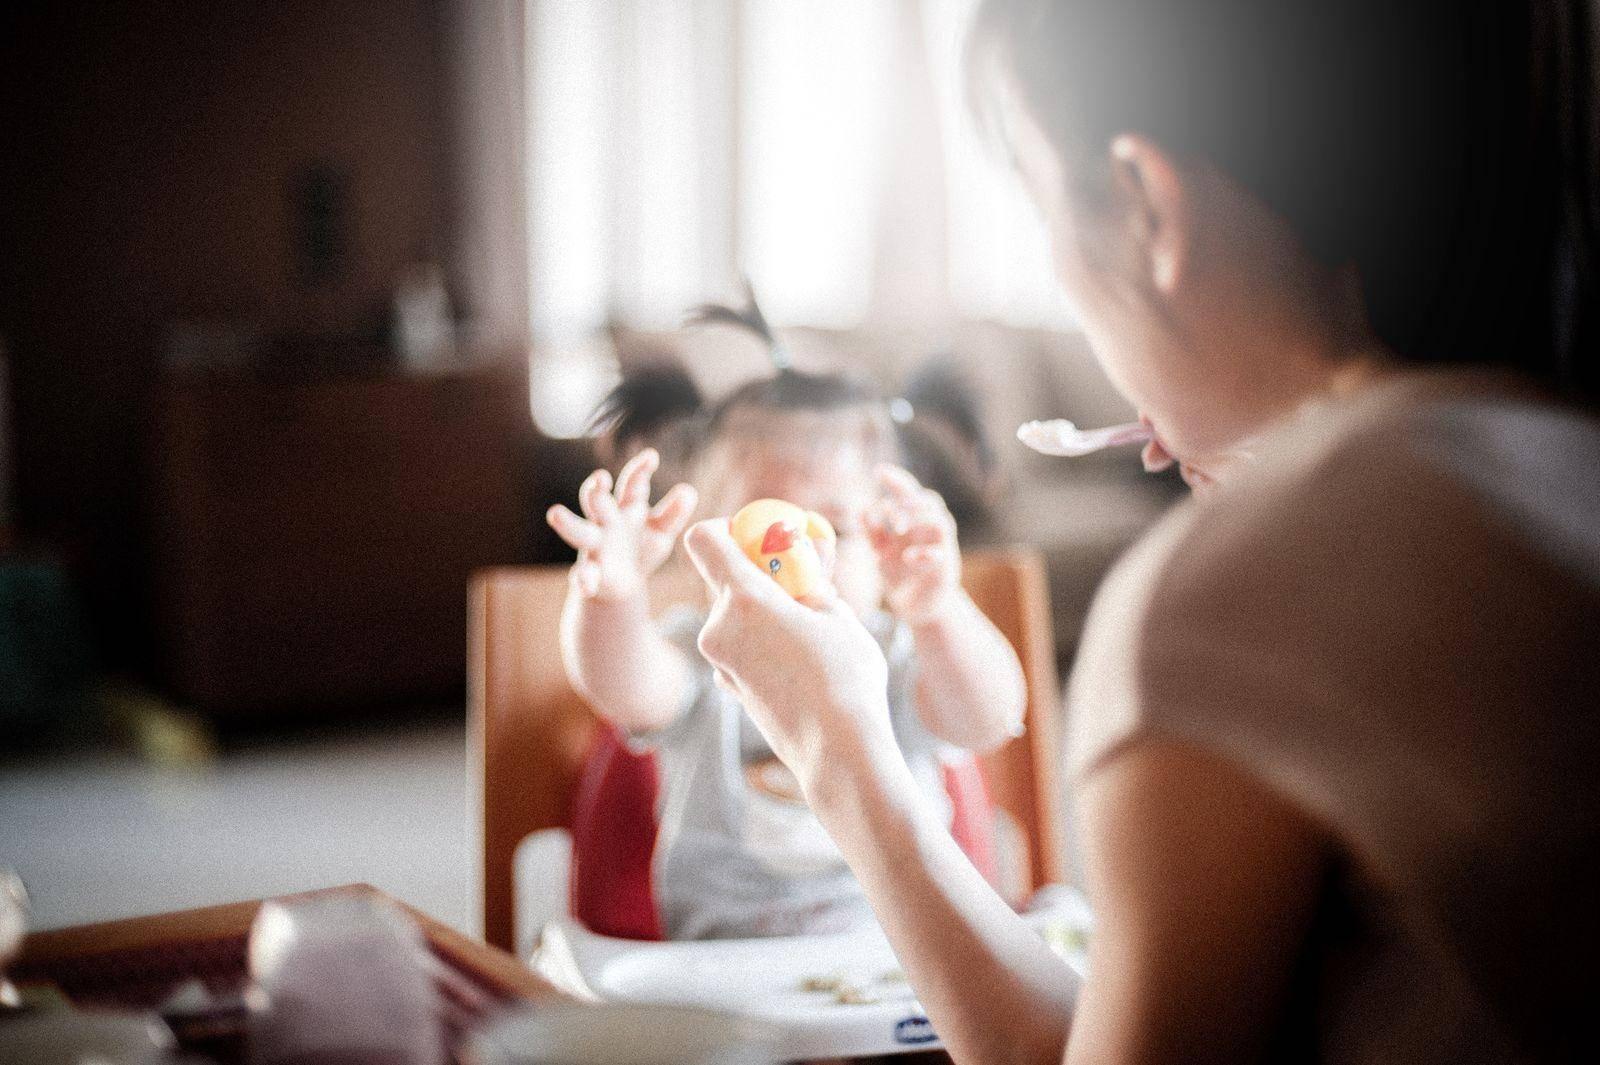 Новорожденный ребенок сосет грудь по 1,5 часа, это нормально? - ребенок сосет грудь час - запись пользователя ольга (id1552631) в сообществе грудное вскармливание в категории как кормить, прикладывание, требование - babyblog.ru